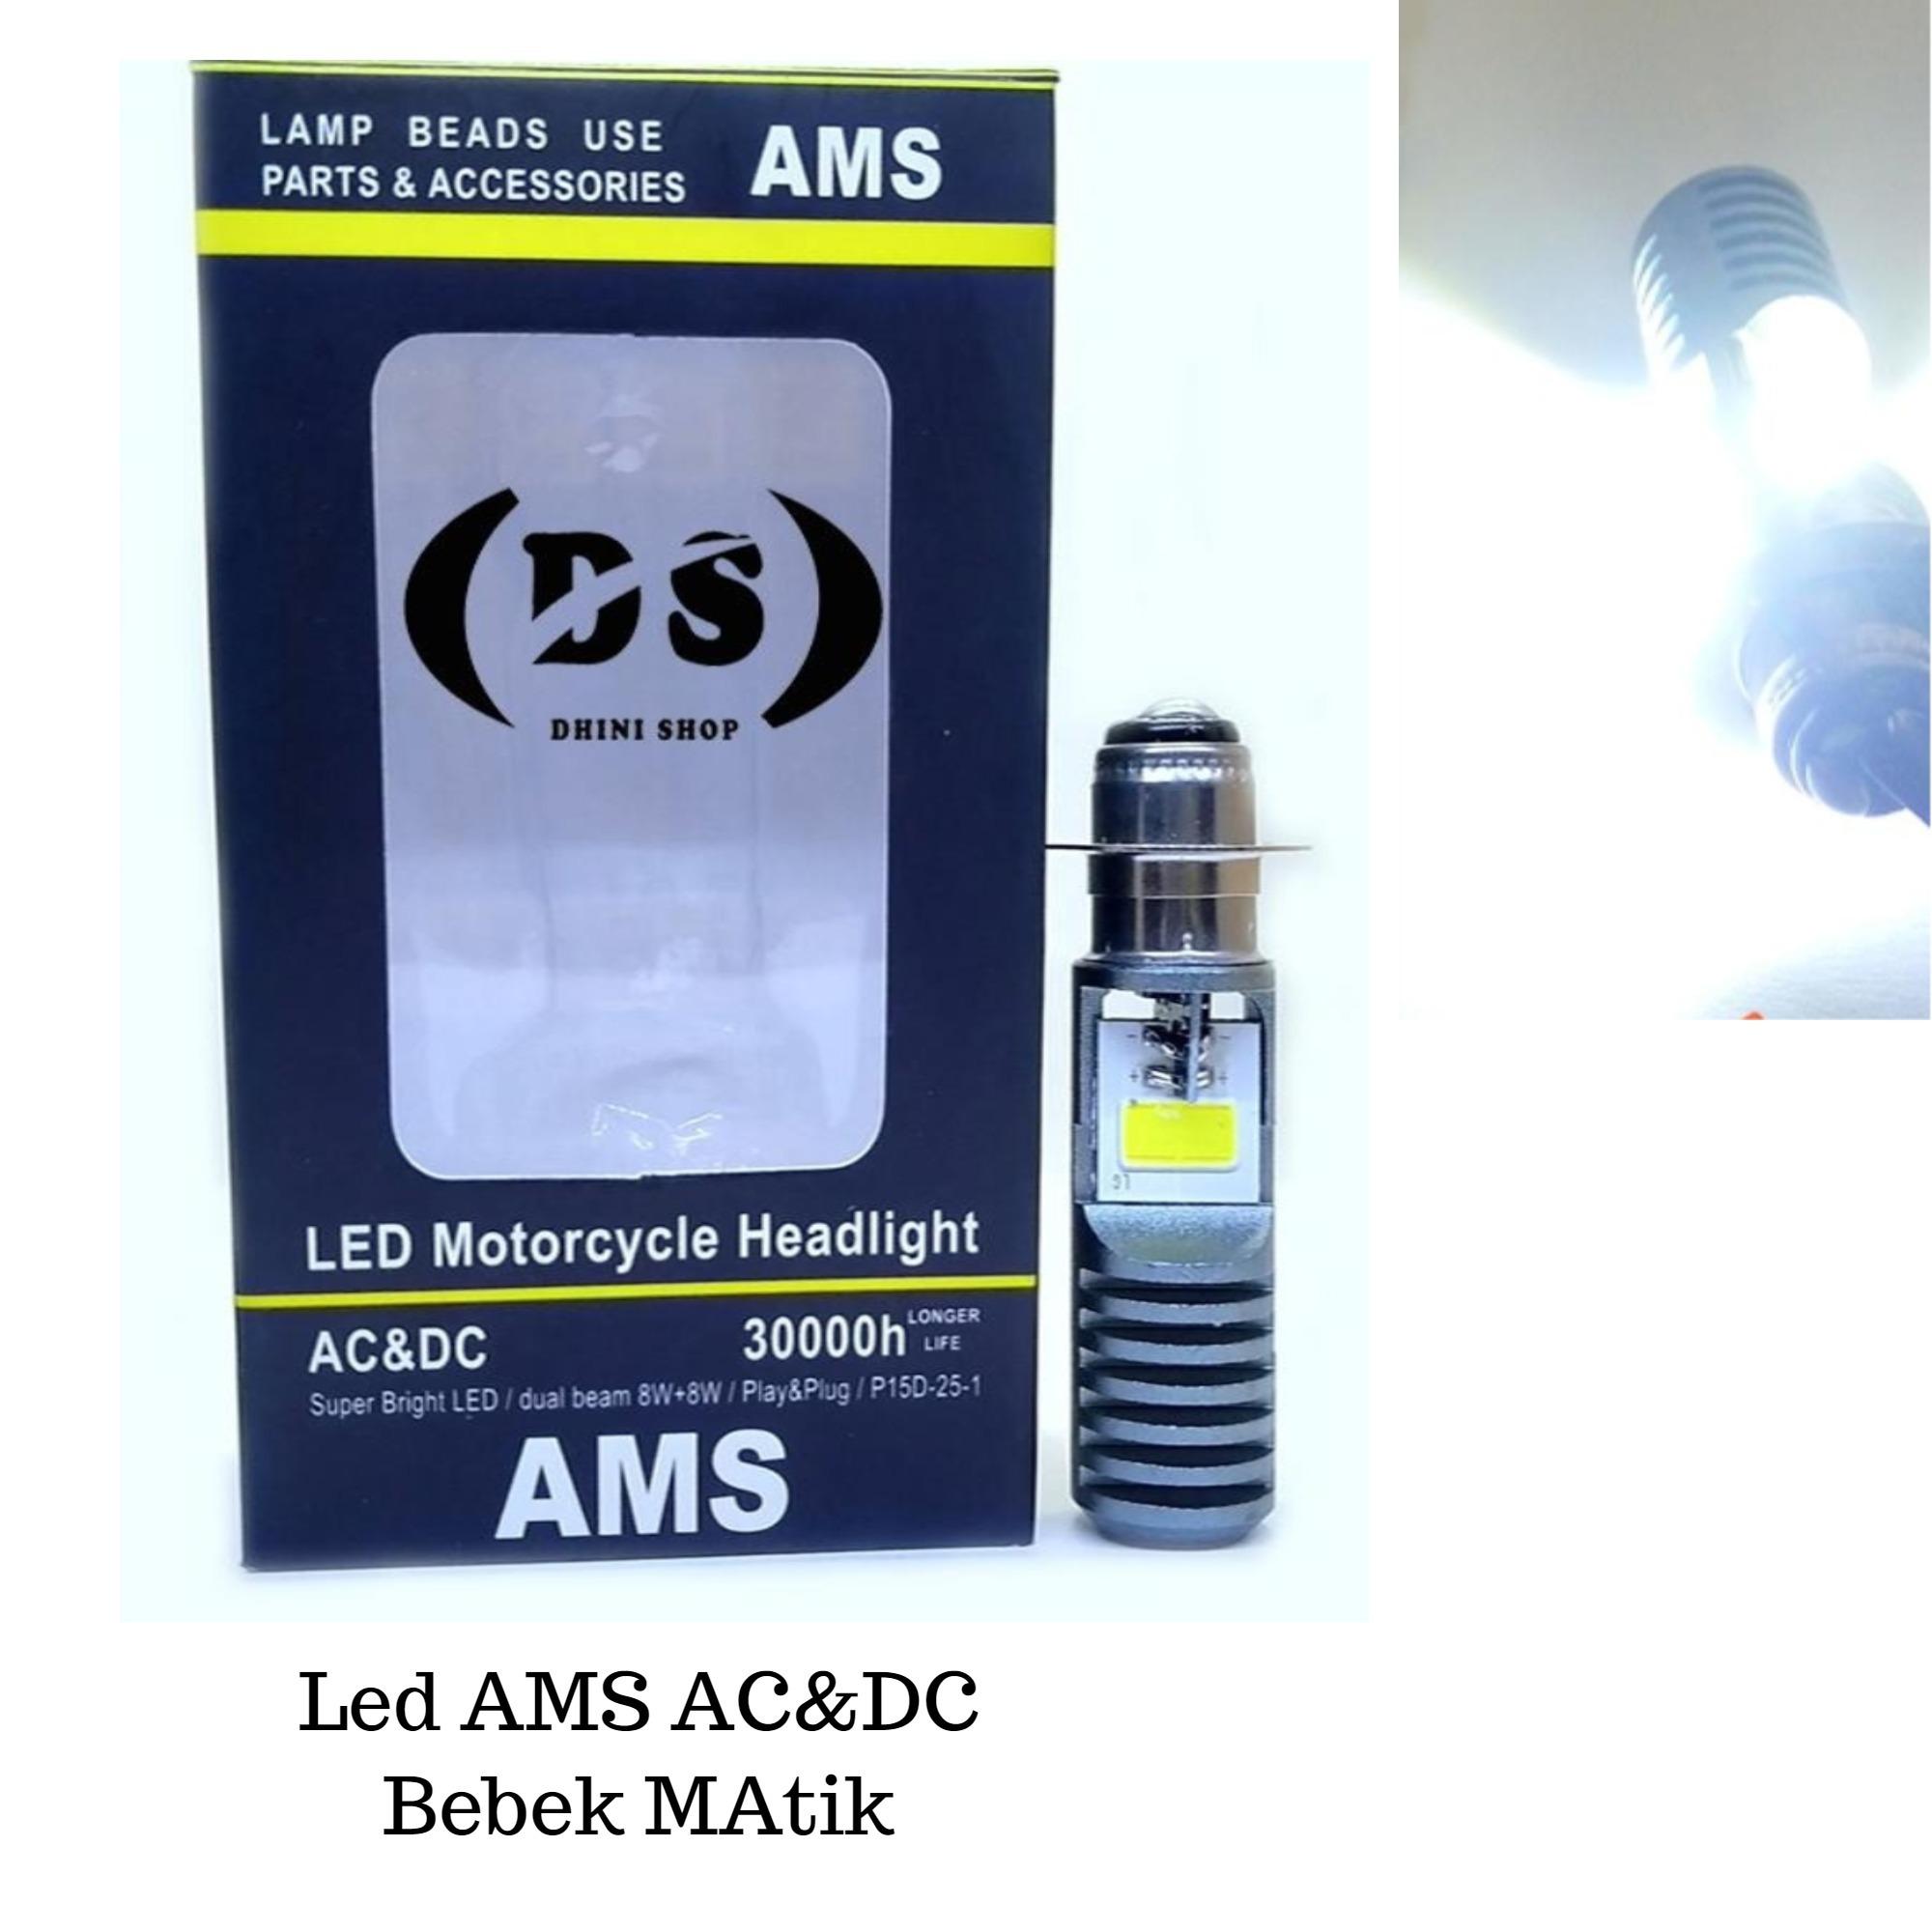 Lampu Depan Led AMS 2Sisi Led 5/6 Watt 6000K Sinar Putih Led Motor Bebek dan Matik